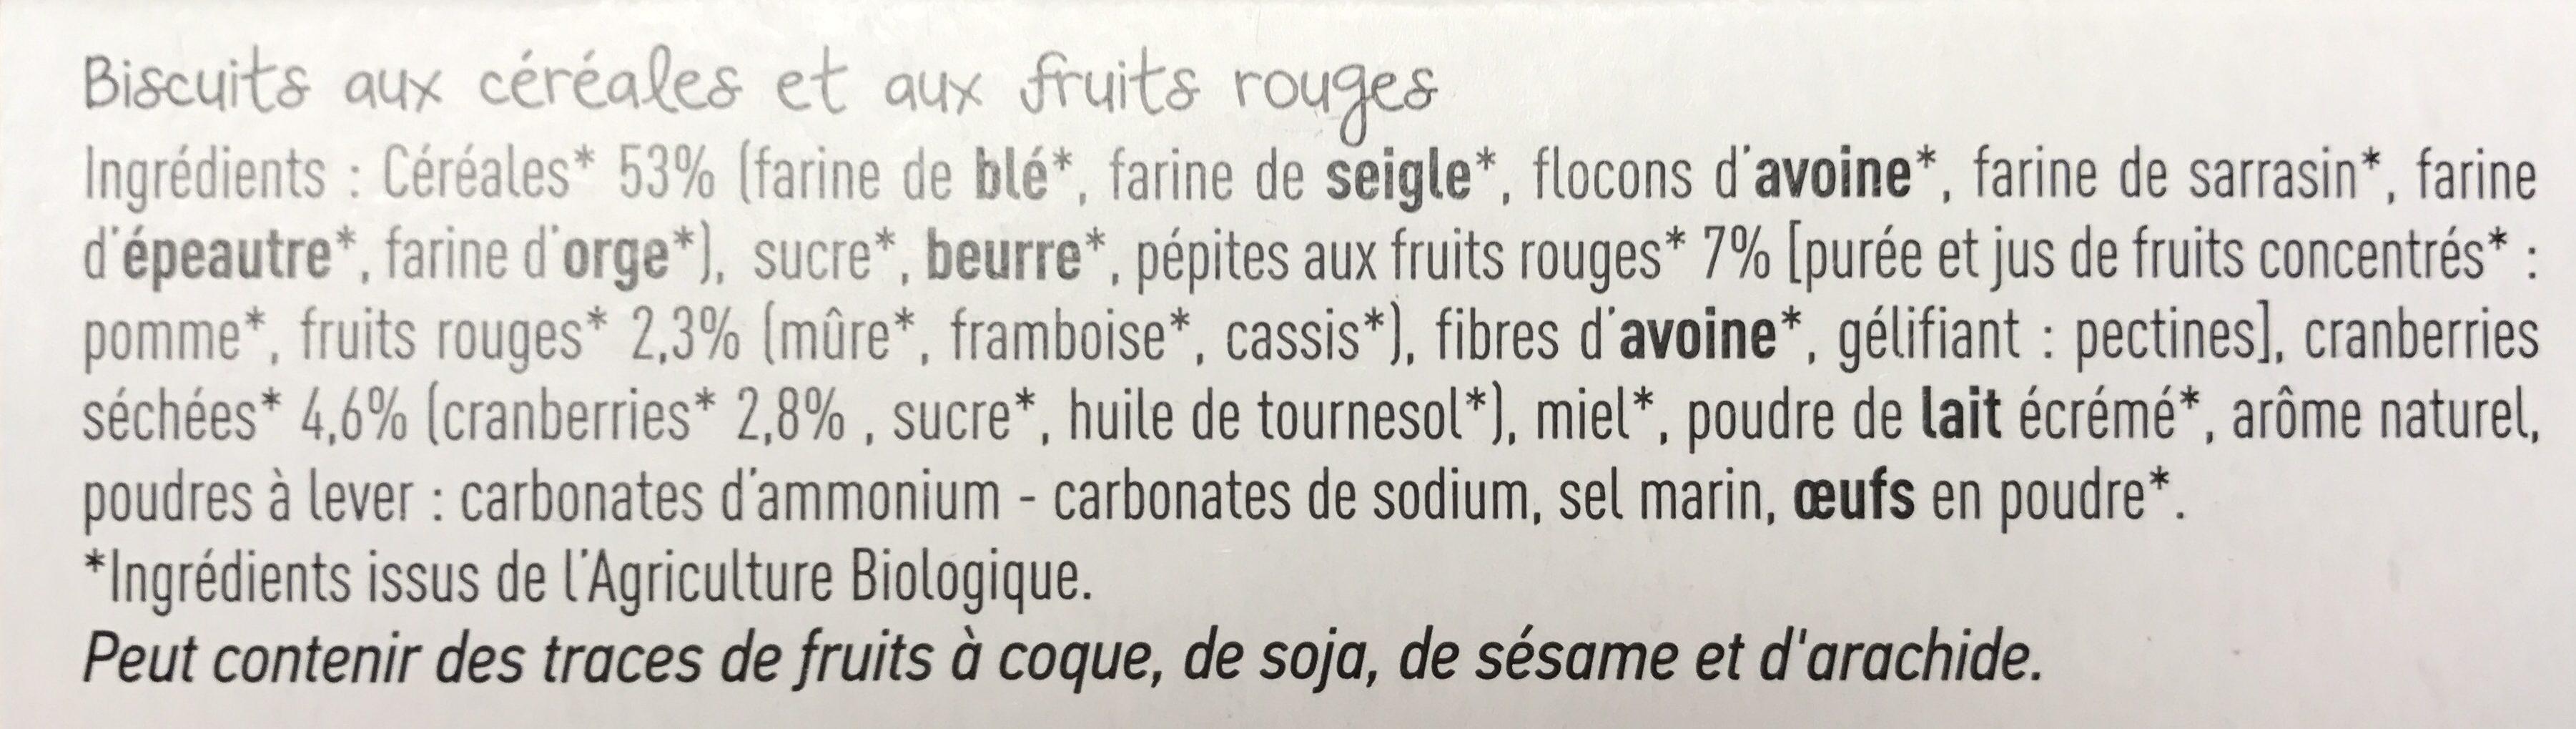 Biscuits Céréales Fruits Rouges - Ingrediënten - fr